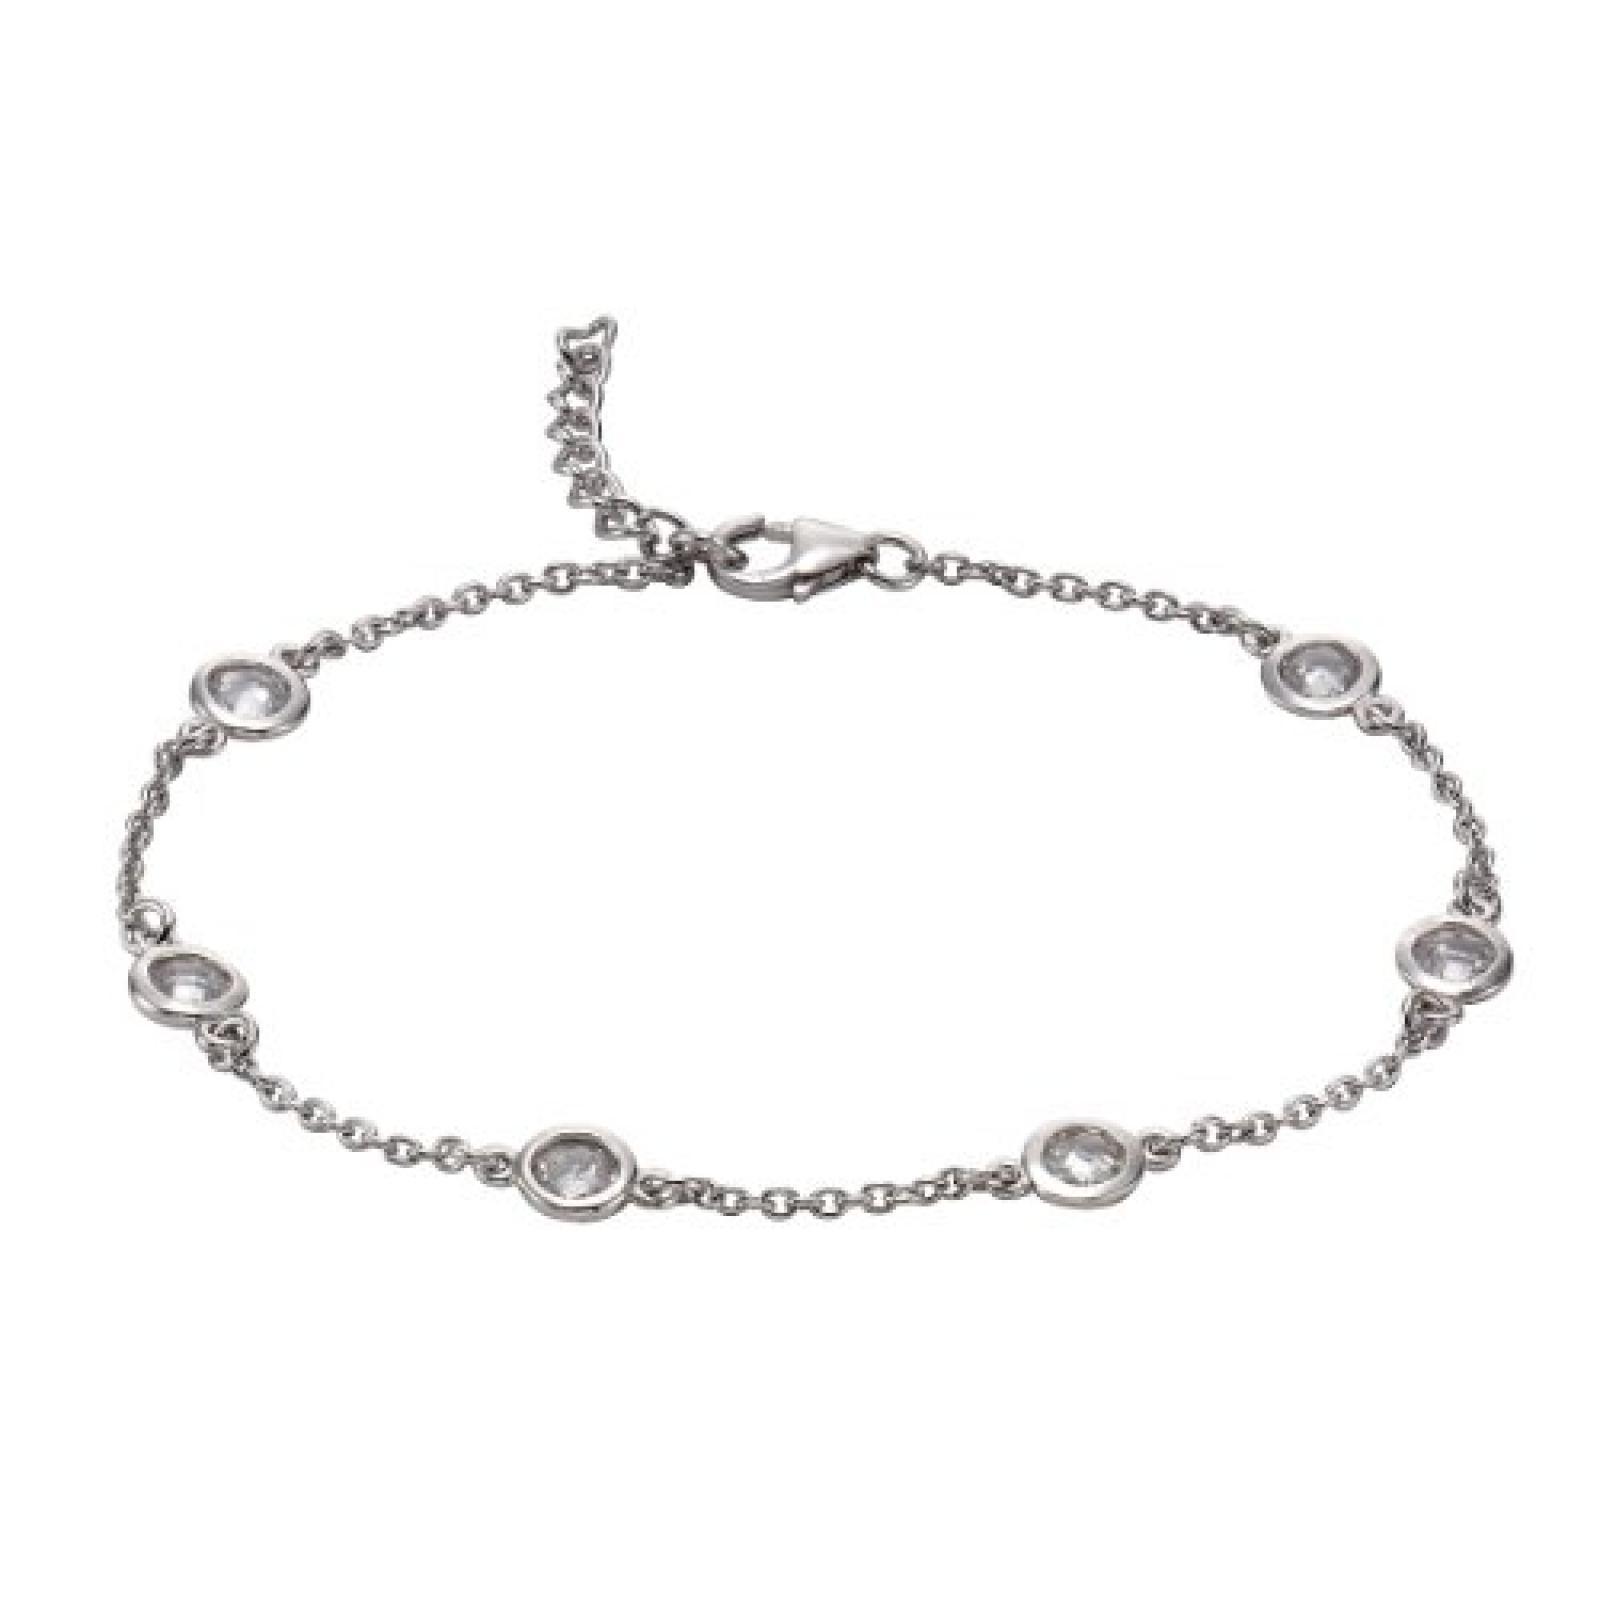 Celesta Damen-Fußkettchen 925 Sterling Silber Zirkonia Celesta 29 cm weiß 358200008